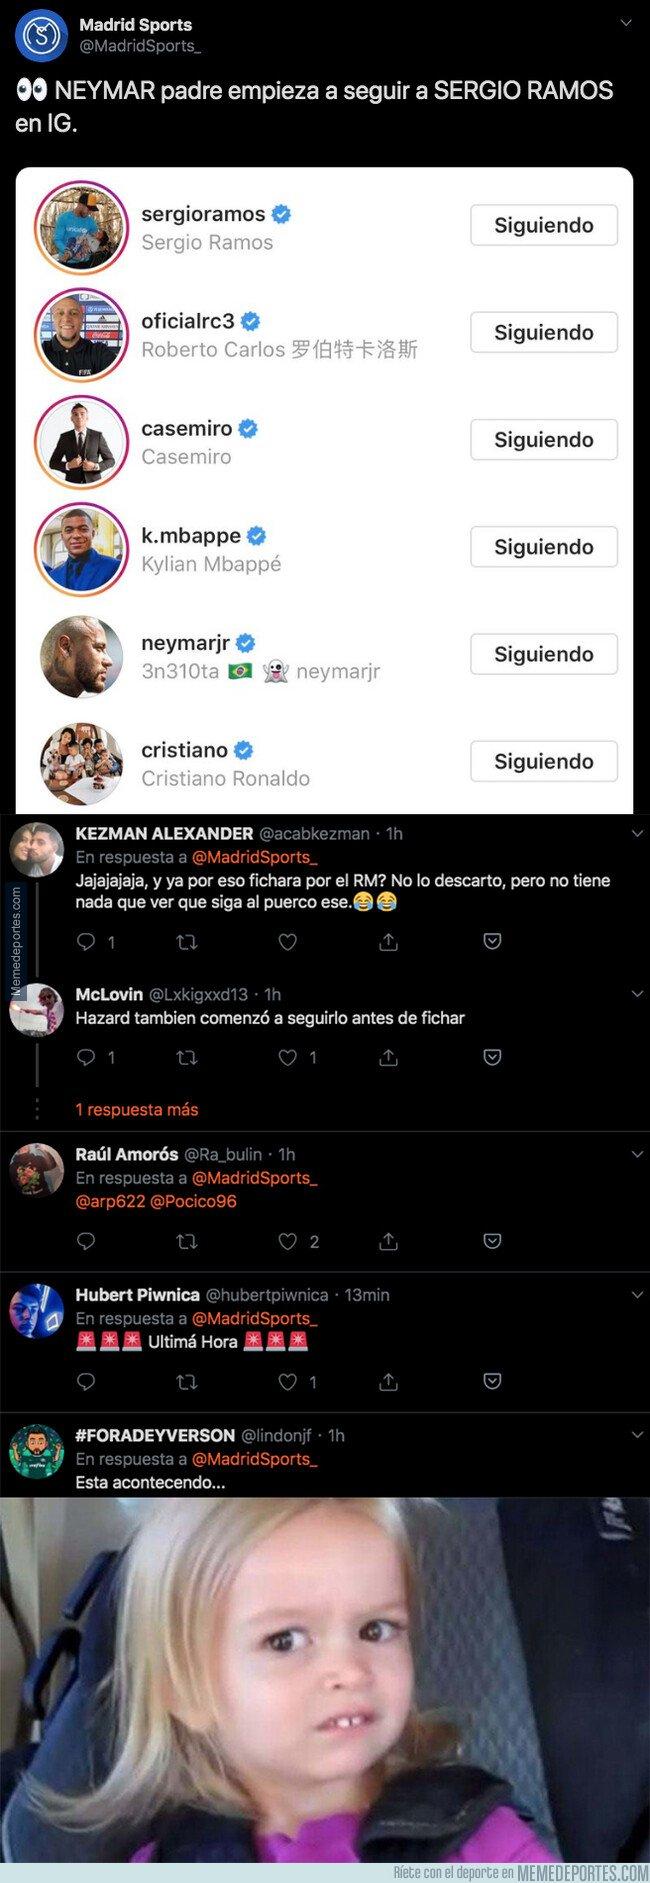 1083866 - El último follow que ha hecho Neymar Padre que ha encendido todas las las alarmas de los aficionados de este club